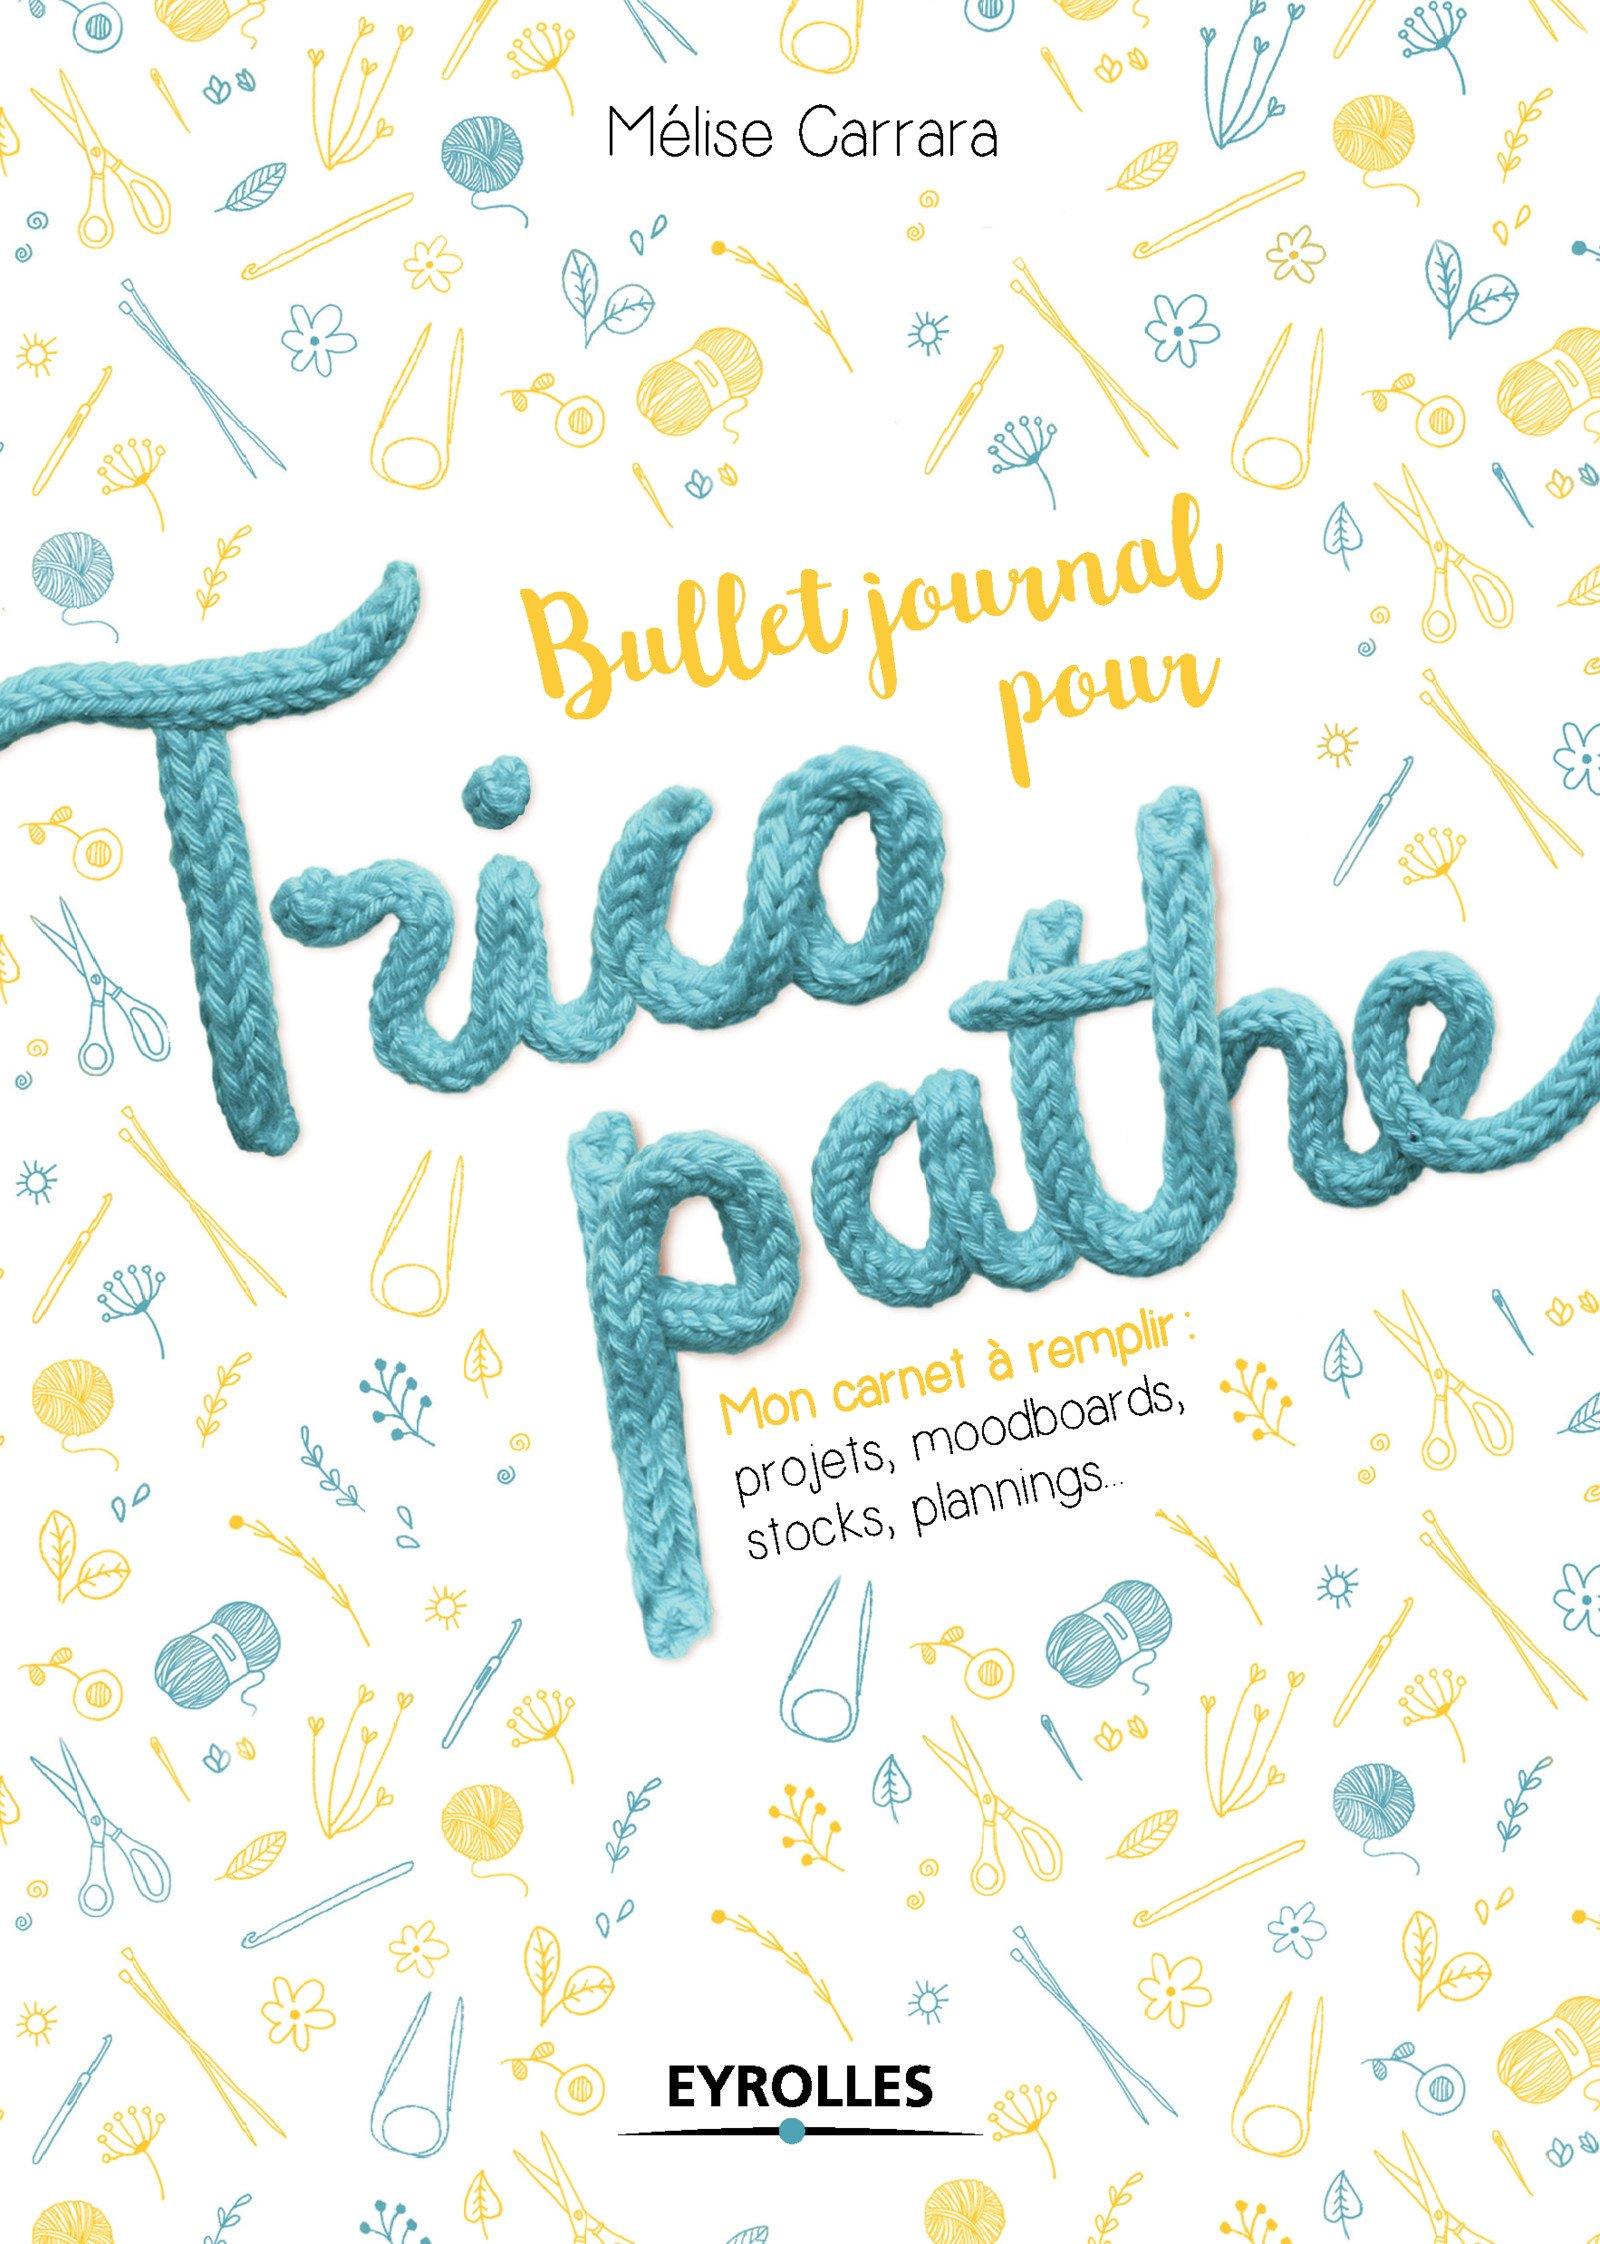 Bullet journal pour tricopathe: Mon carnet à remplir : projets, moodboards, stocks, plannings... Broché – 7 septembre 2017 Mélise Carrara Eyrolles 2212674643 Couture/tricot